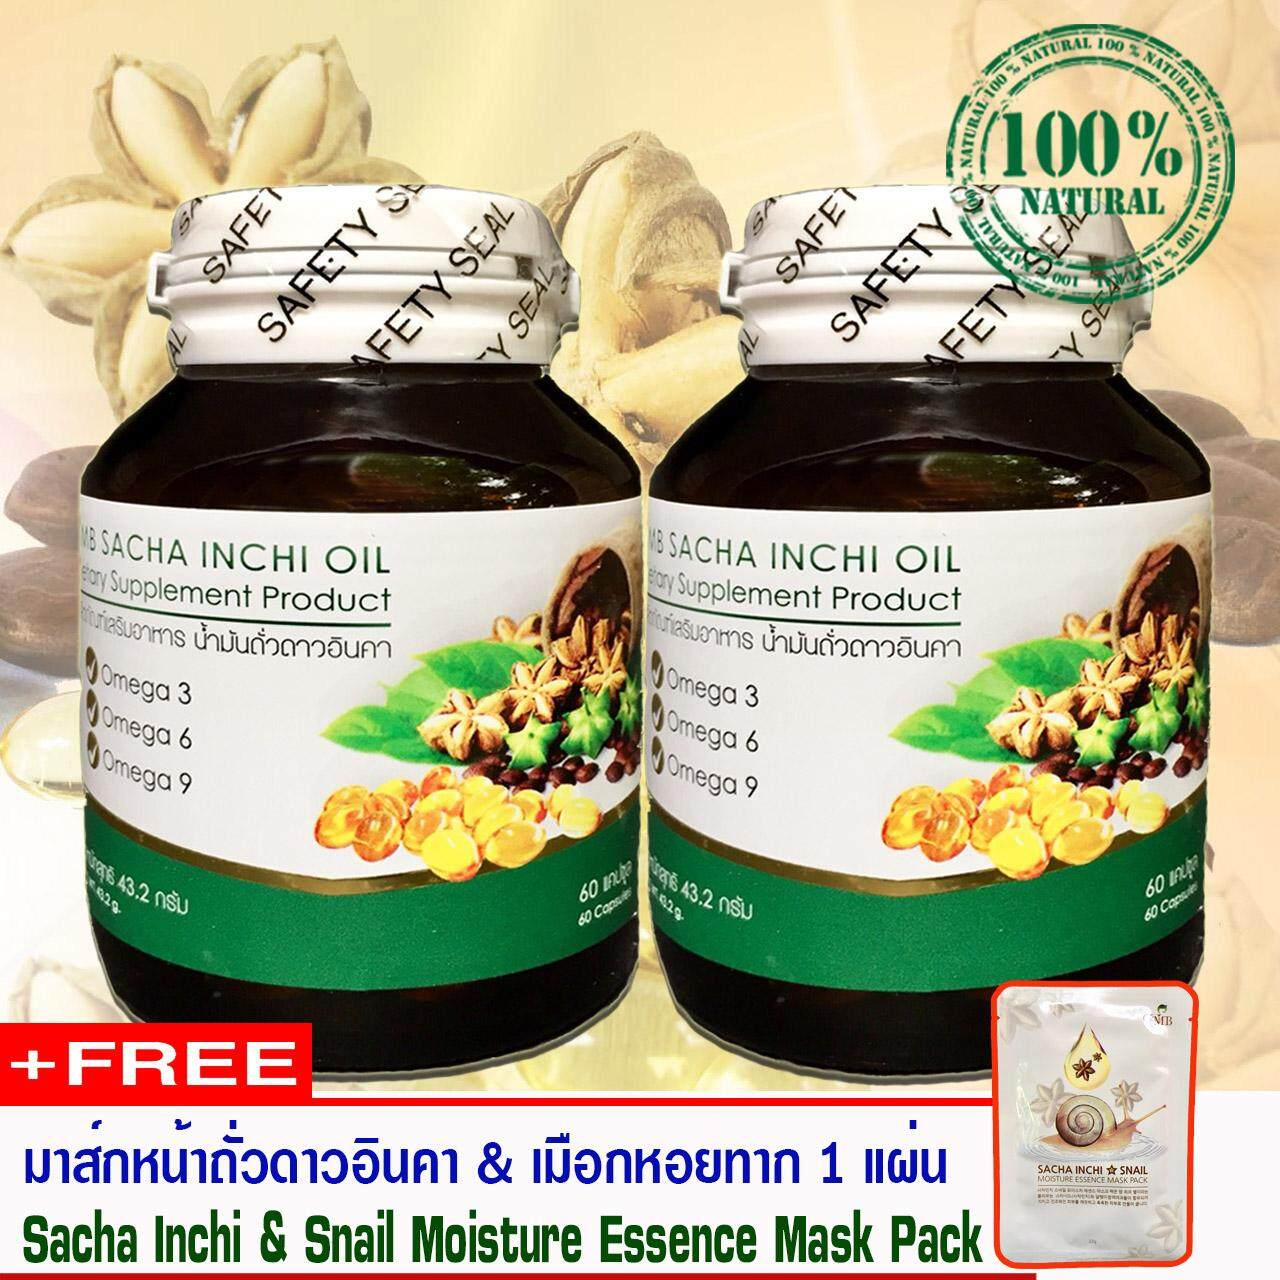 โปรโมชั่น น้ำมันถั่วดาวอินคา (โอเมก้า 3,6,9) สกัดเย็น แบบซอฟเจล 60 เม็ด 2 ขวด แถมฟรี มาส์กหน้าถั่วดาวอินคา ผสมเมือหอยทาก จากเกาหลี UMB Sacha Inchi Oil (Omega) Soft gel. + Sacha Inchi & Snail Moisture Essence Mask Pack เก็บเงินปลายทางได้ สินค้าพร้อมส่ง